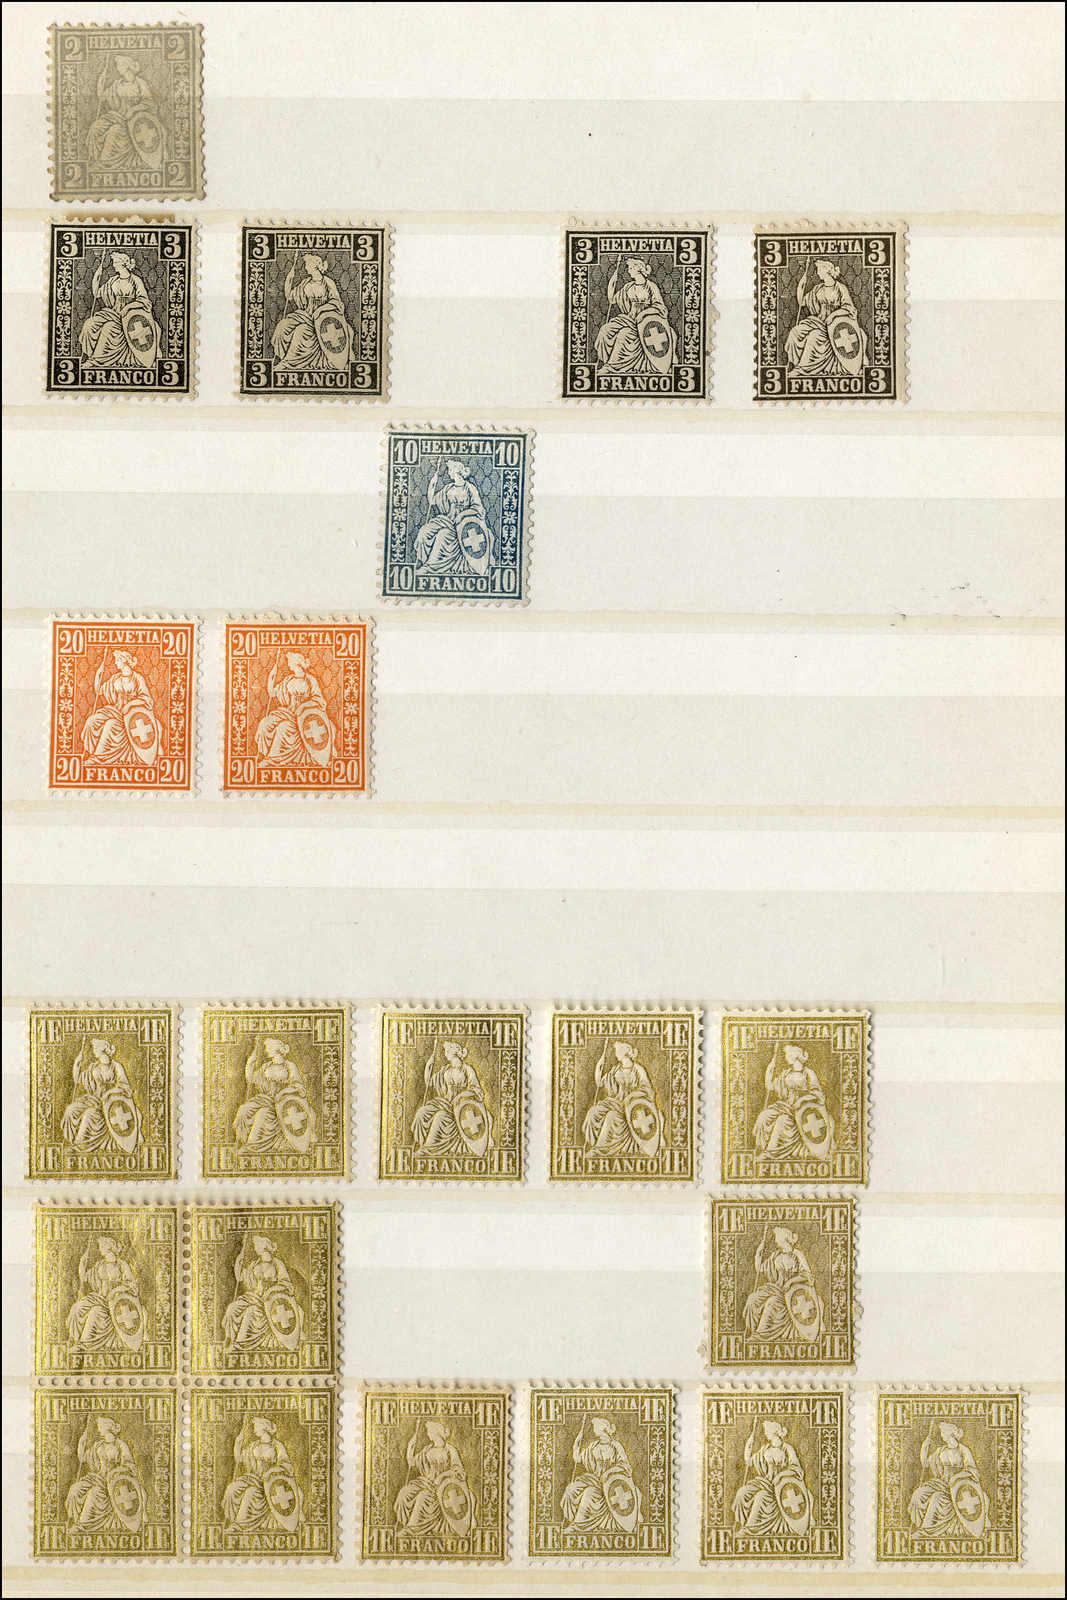 Lot 84 - schweiz schweiz -  Rolli Auctions Auction #68 Day 1